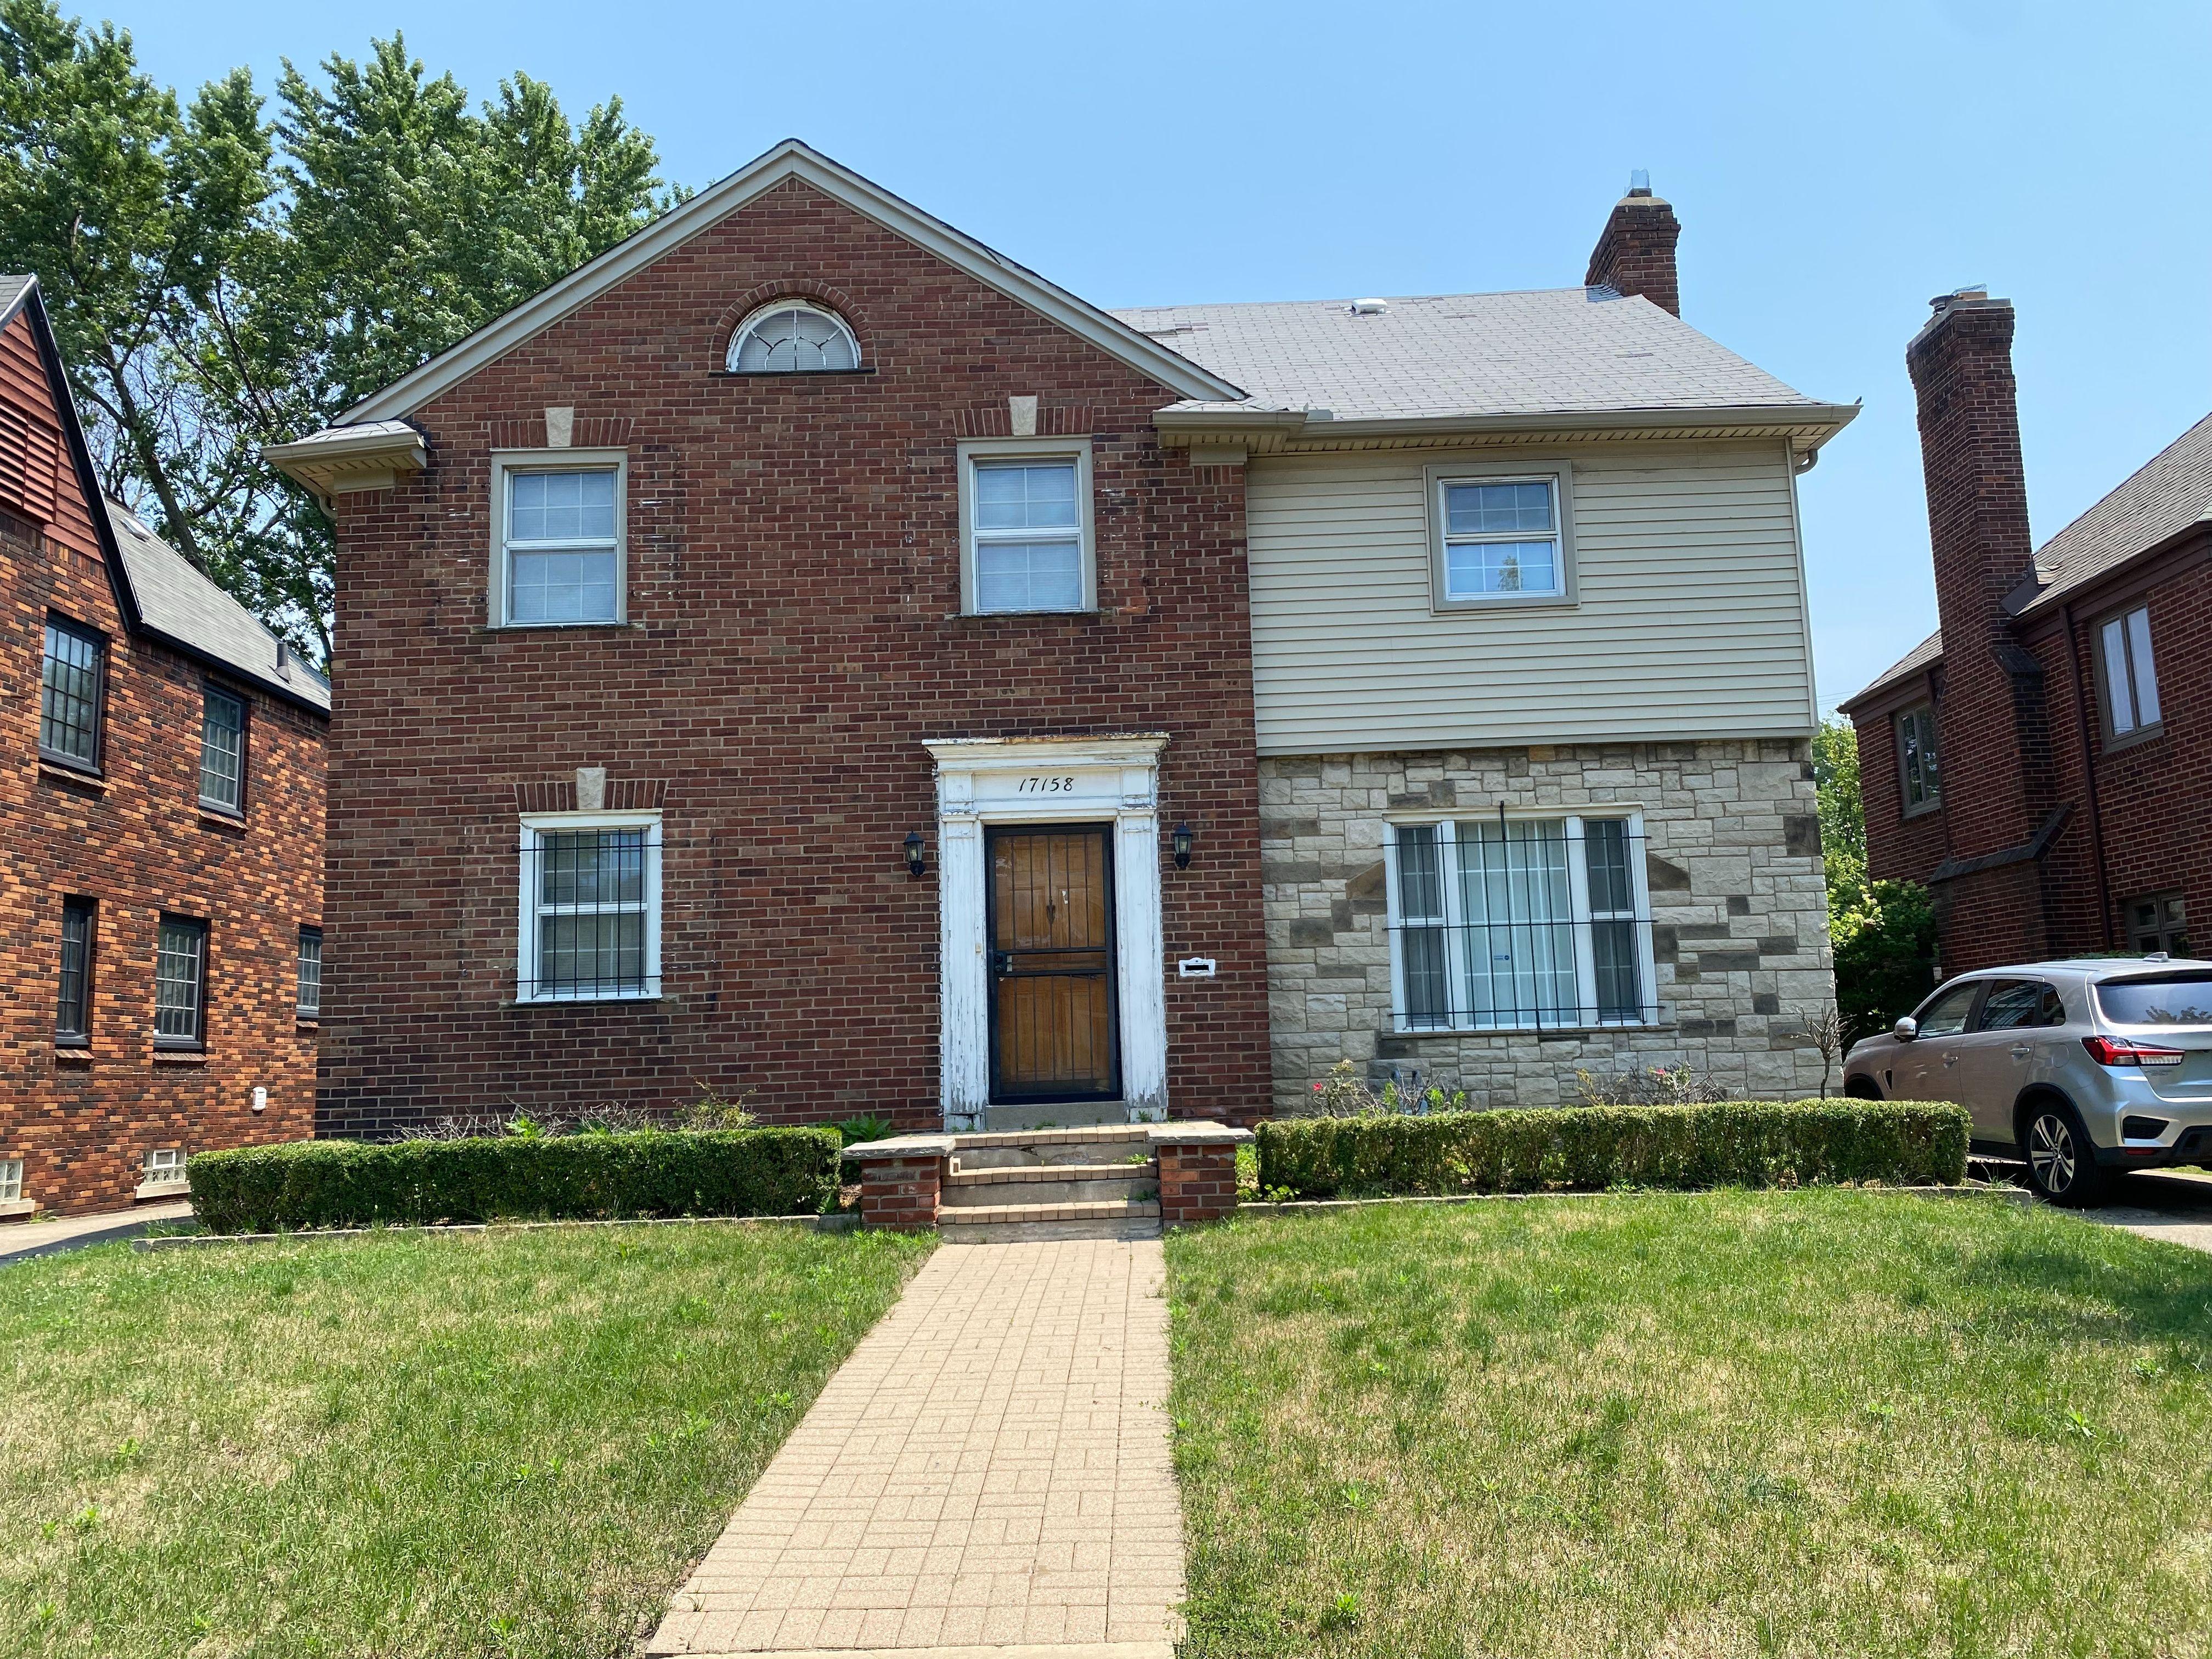 17158 Fairfield St, Detroit, MI